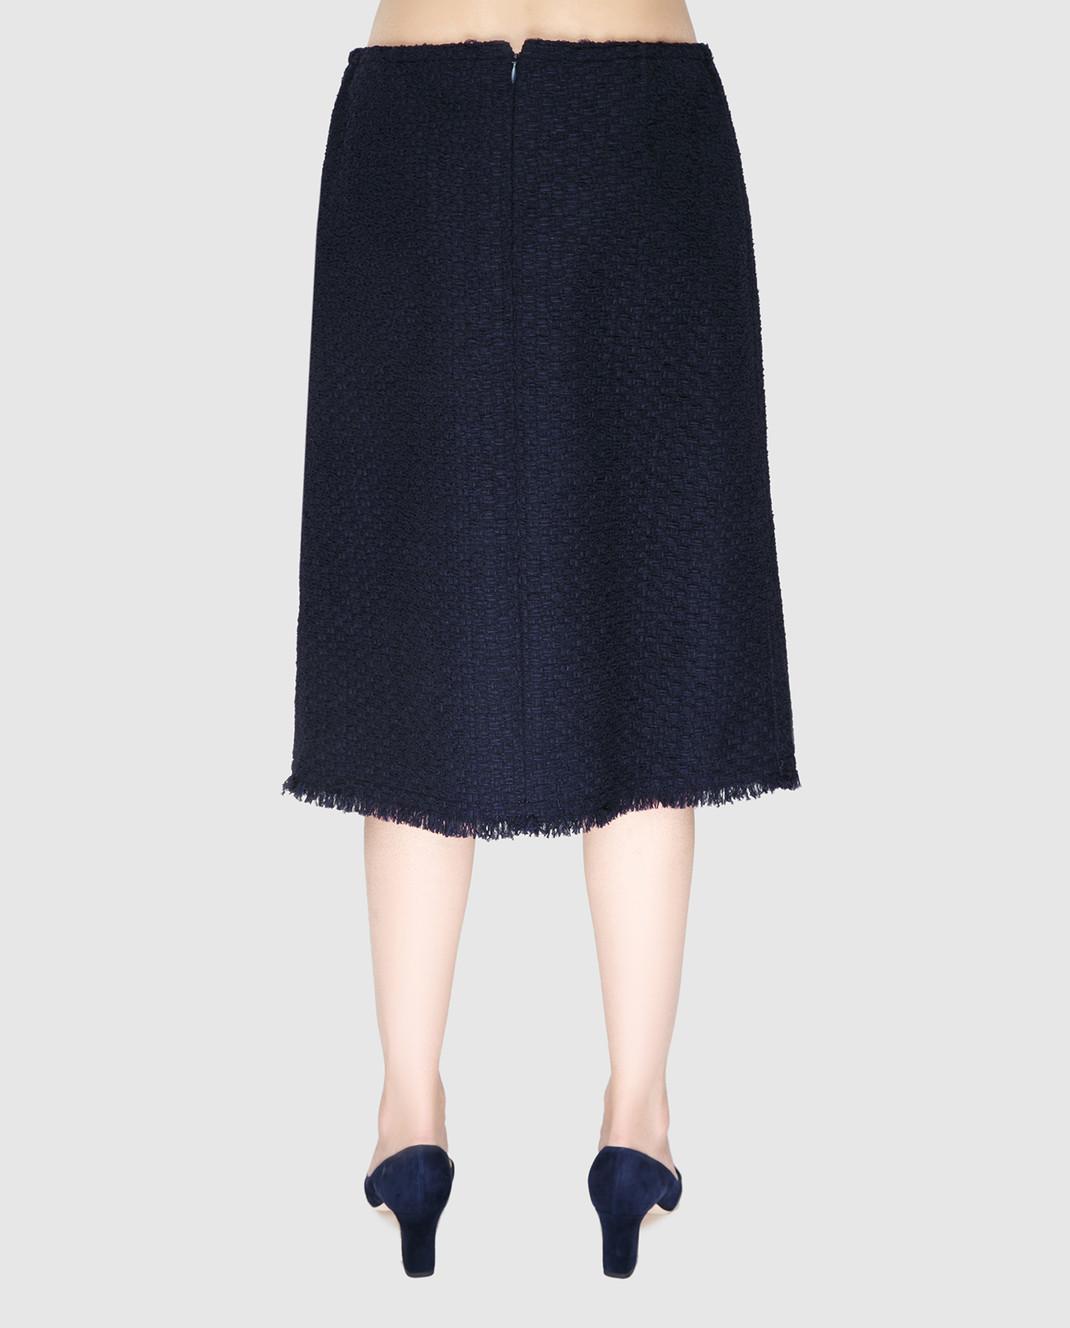 NINA RICCI Темно-синяя юбка 17PCJU023PA0341 изображение 4